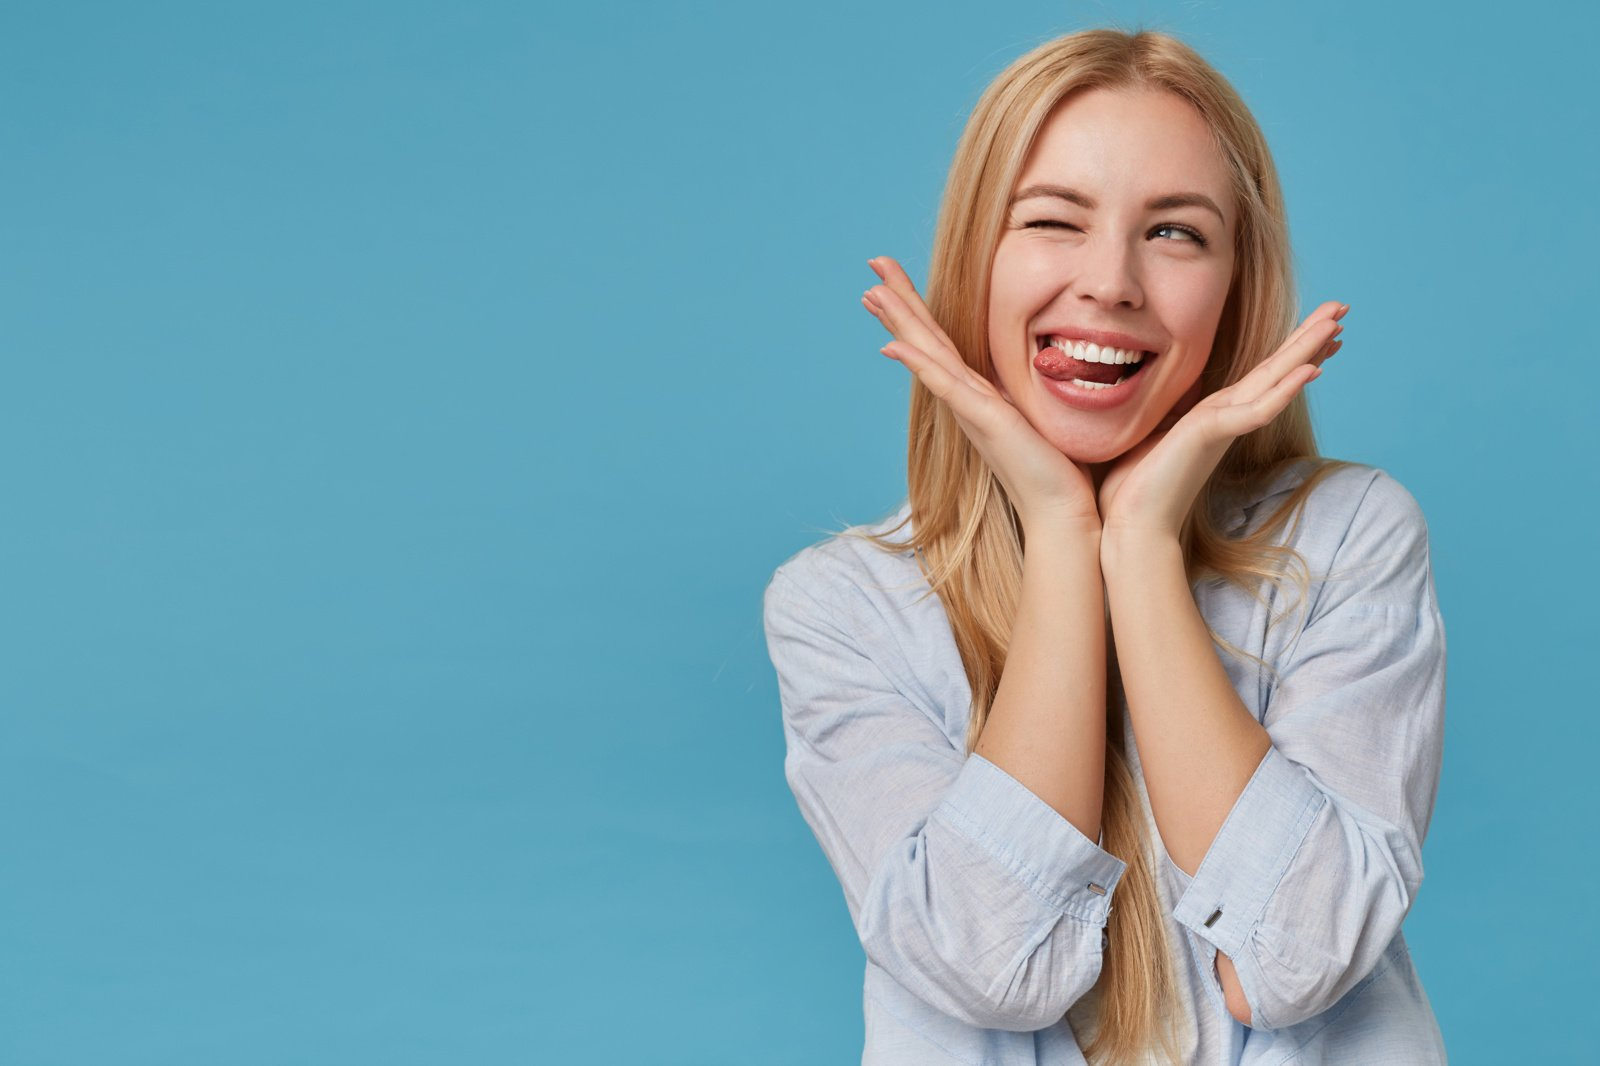 4 patarimai, kaip išvengti blogo burnos kvapo